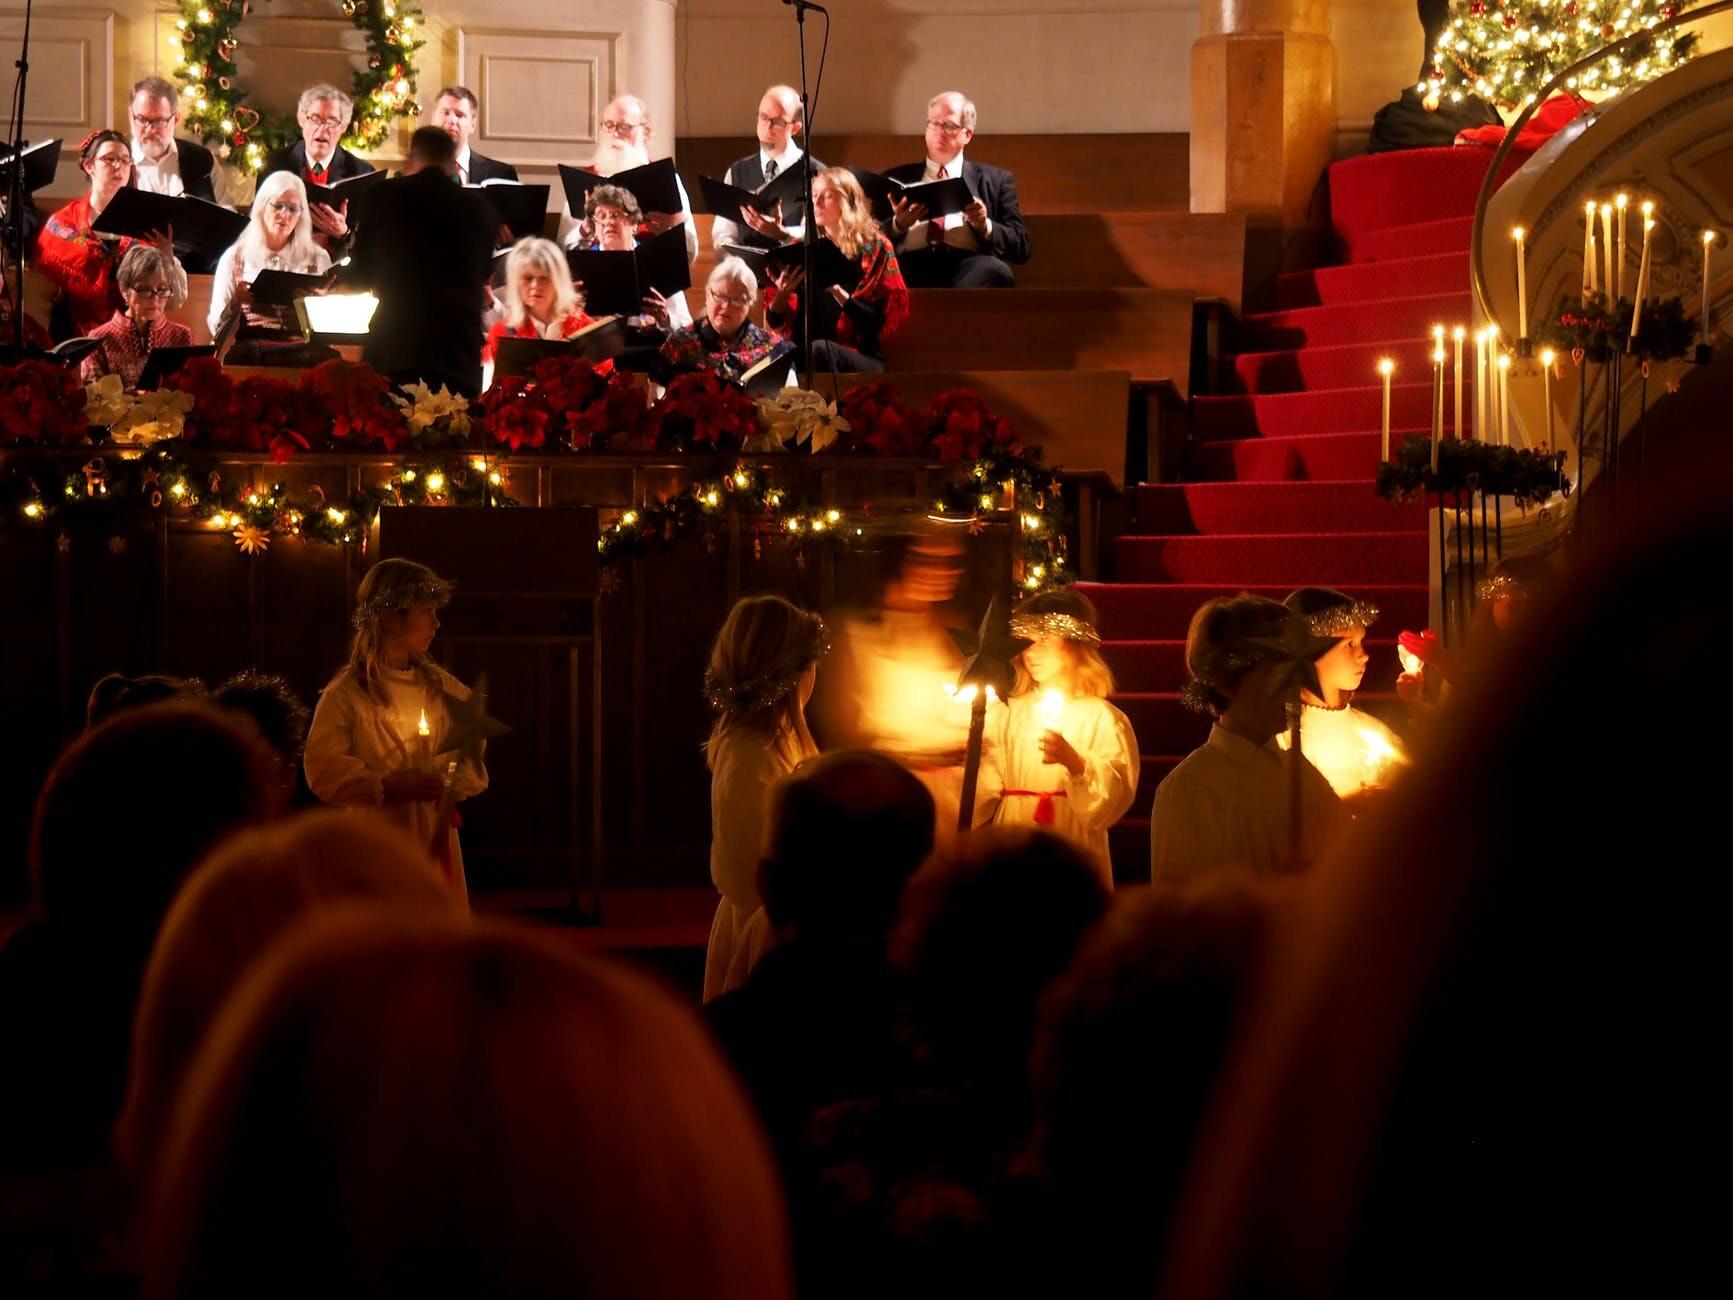 Celebrowanie Bożego Narodzenia rozpoczyna się od 13 grudnia (od dnia św. Łucji) w...